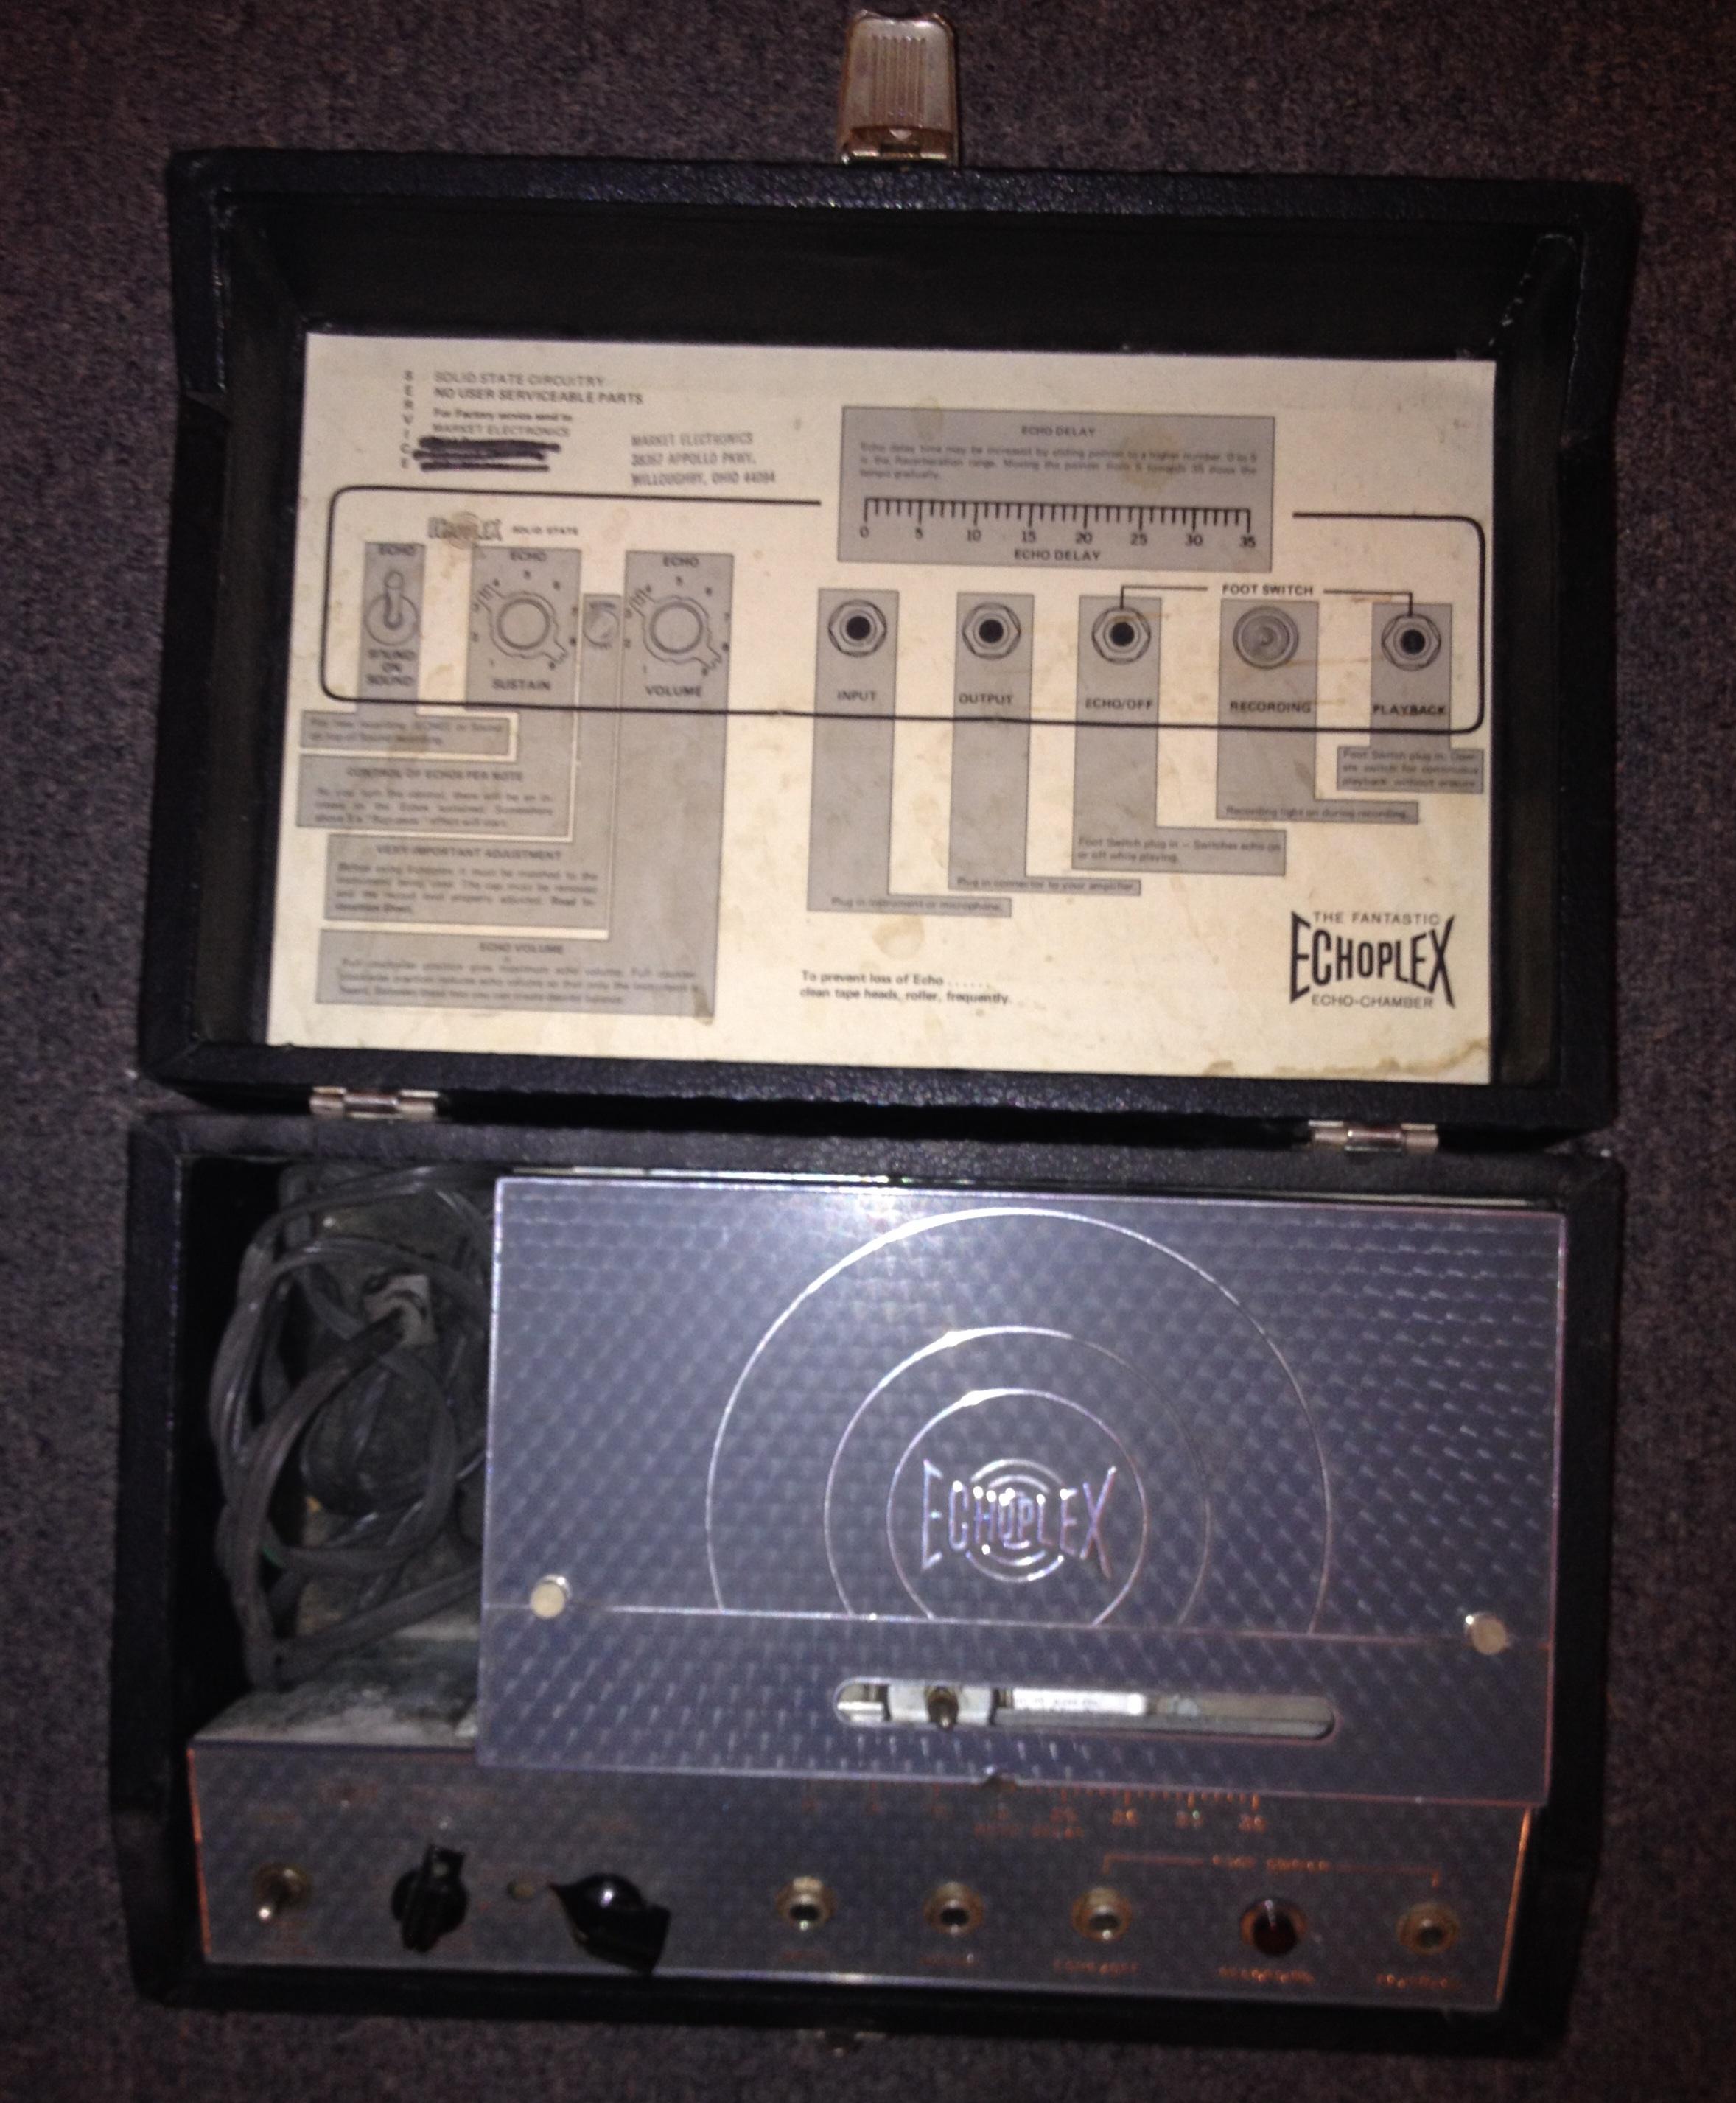 Vintage 70's Echoplex